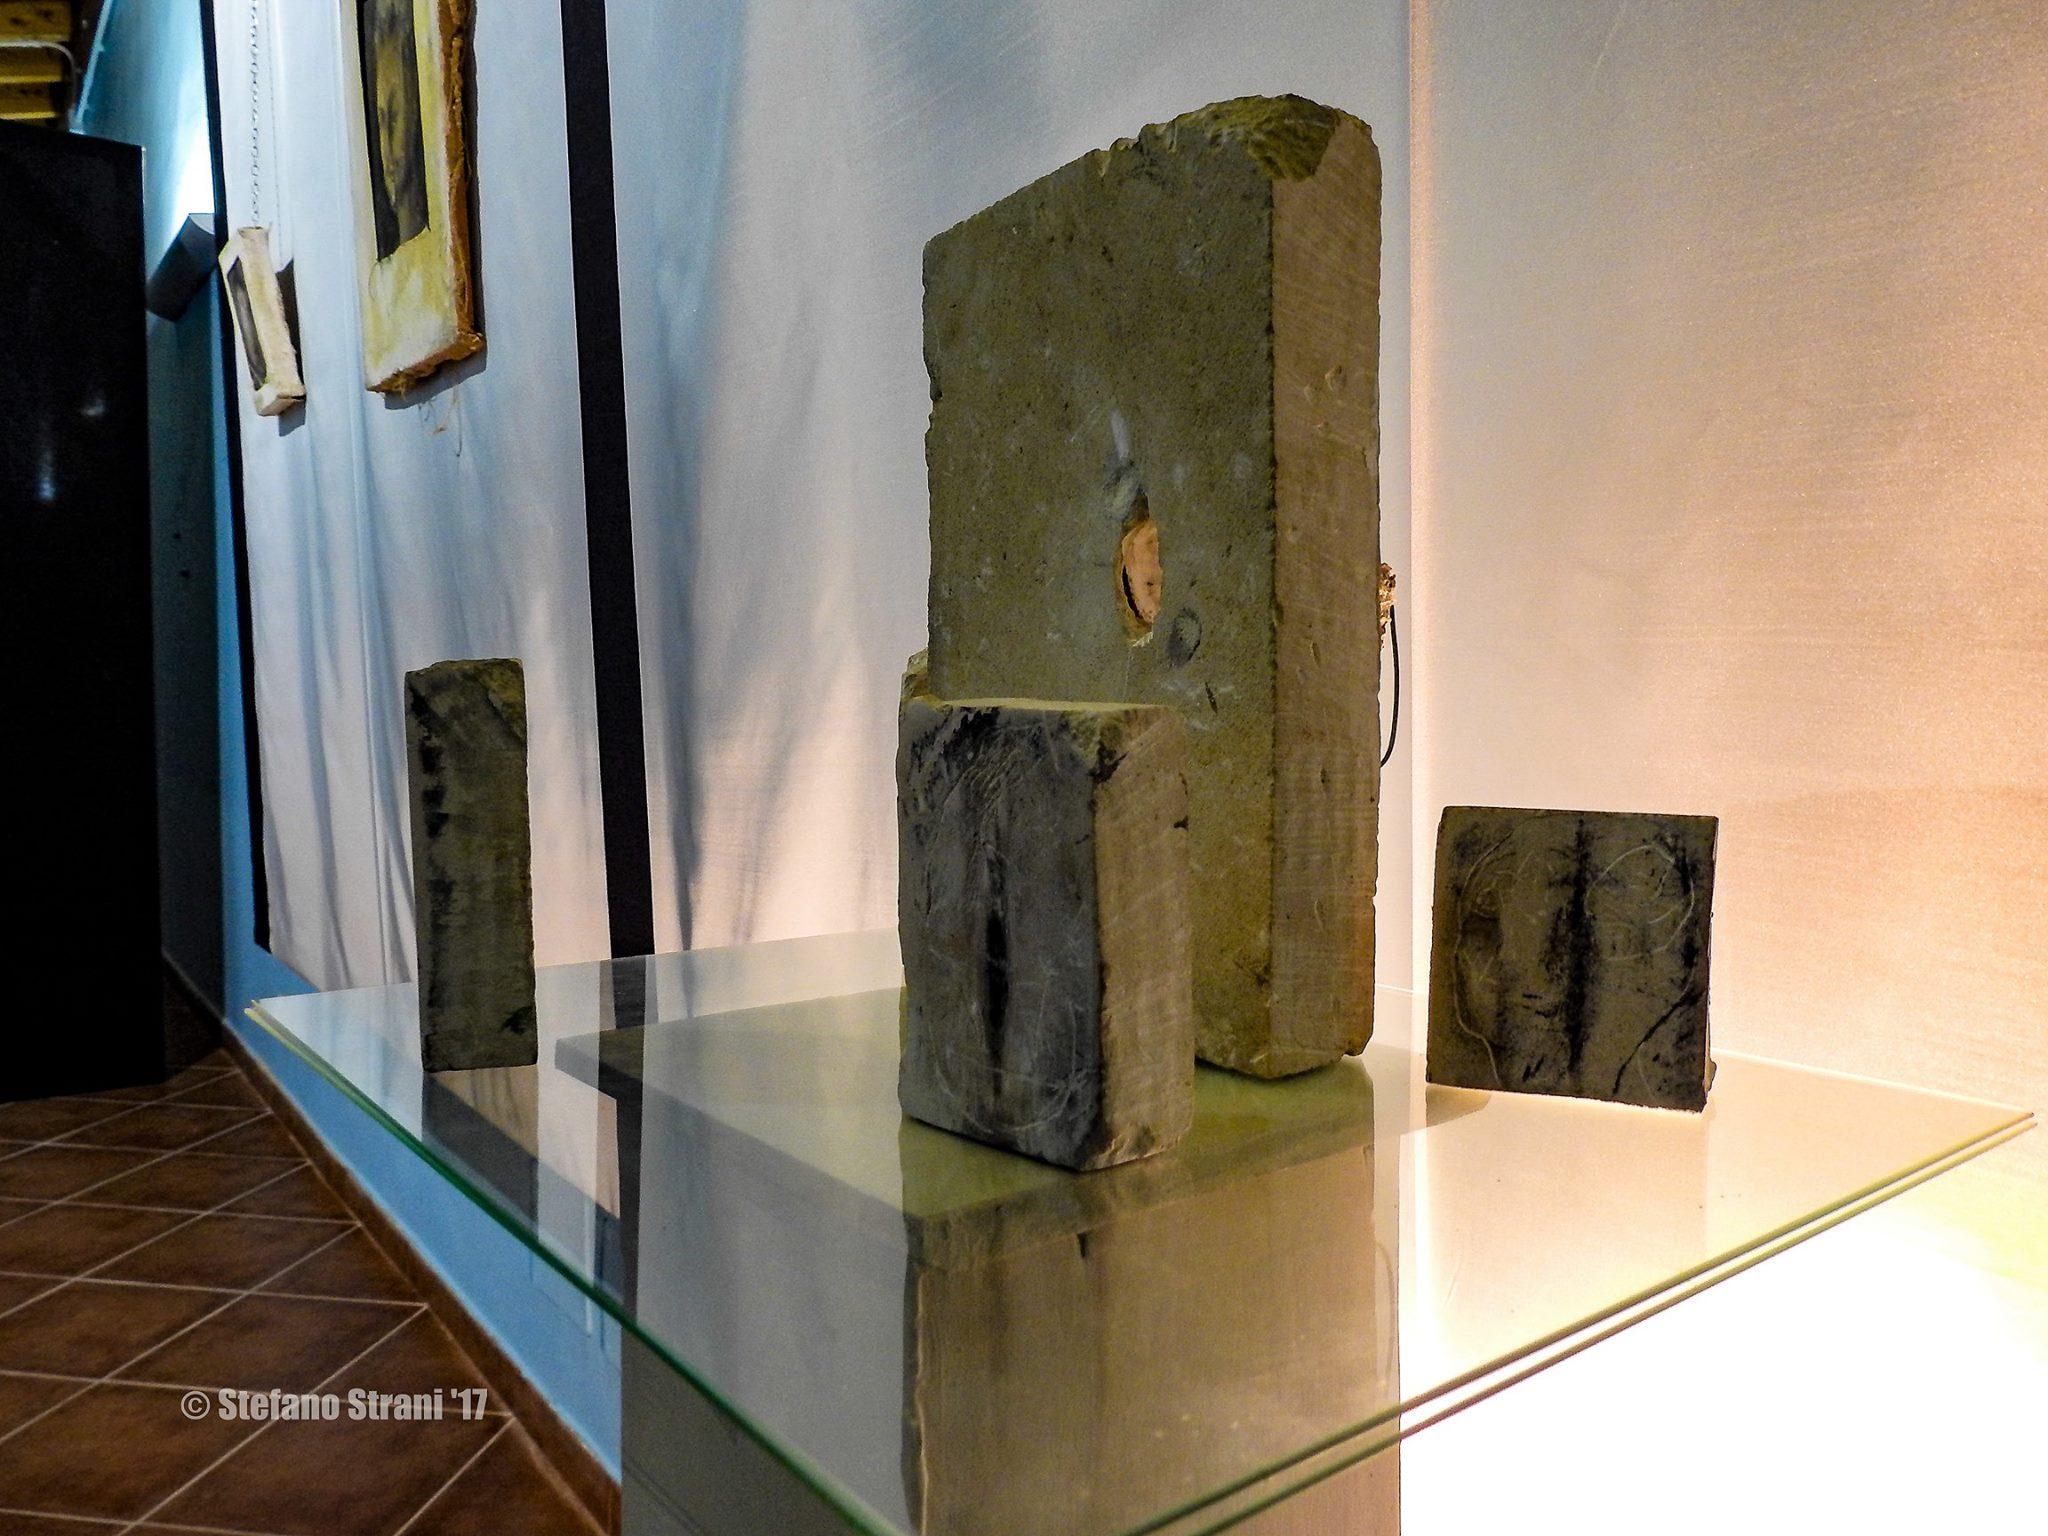 Installazione del gruppo di opere Mnemosine, di Luca Grossi